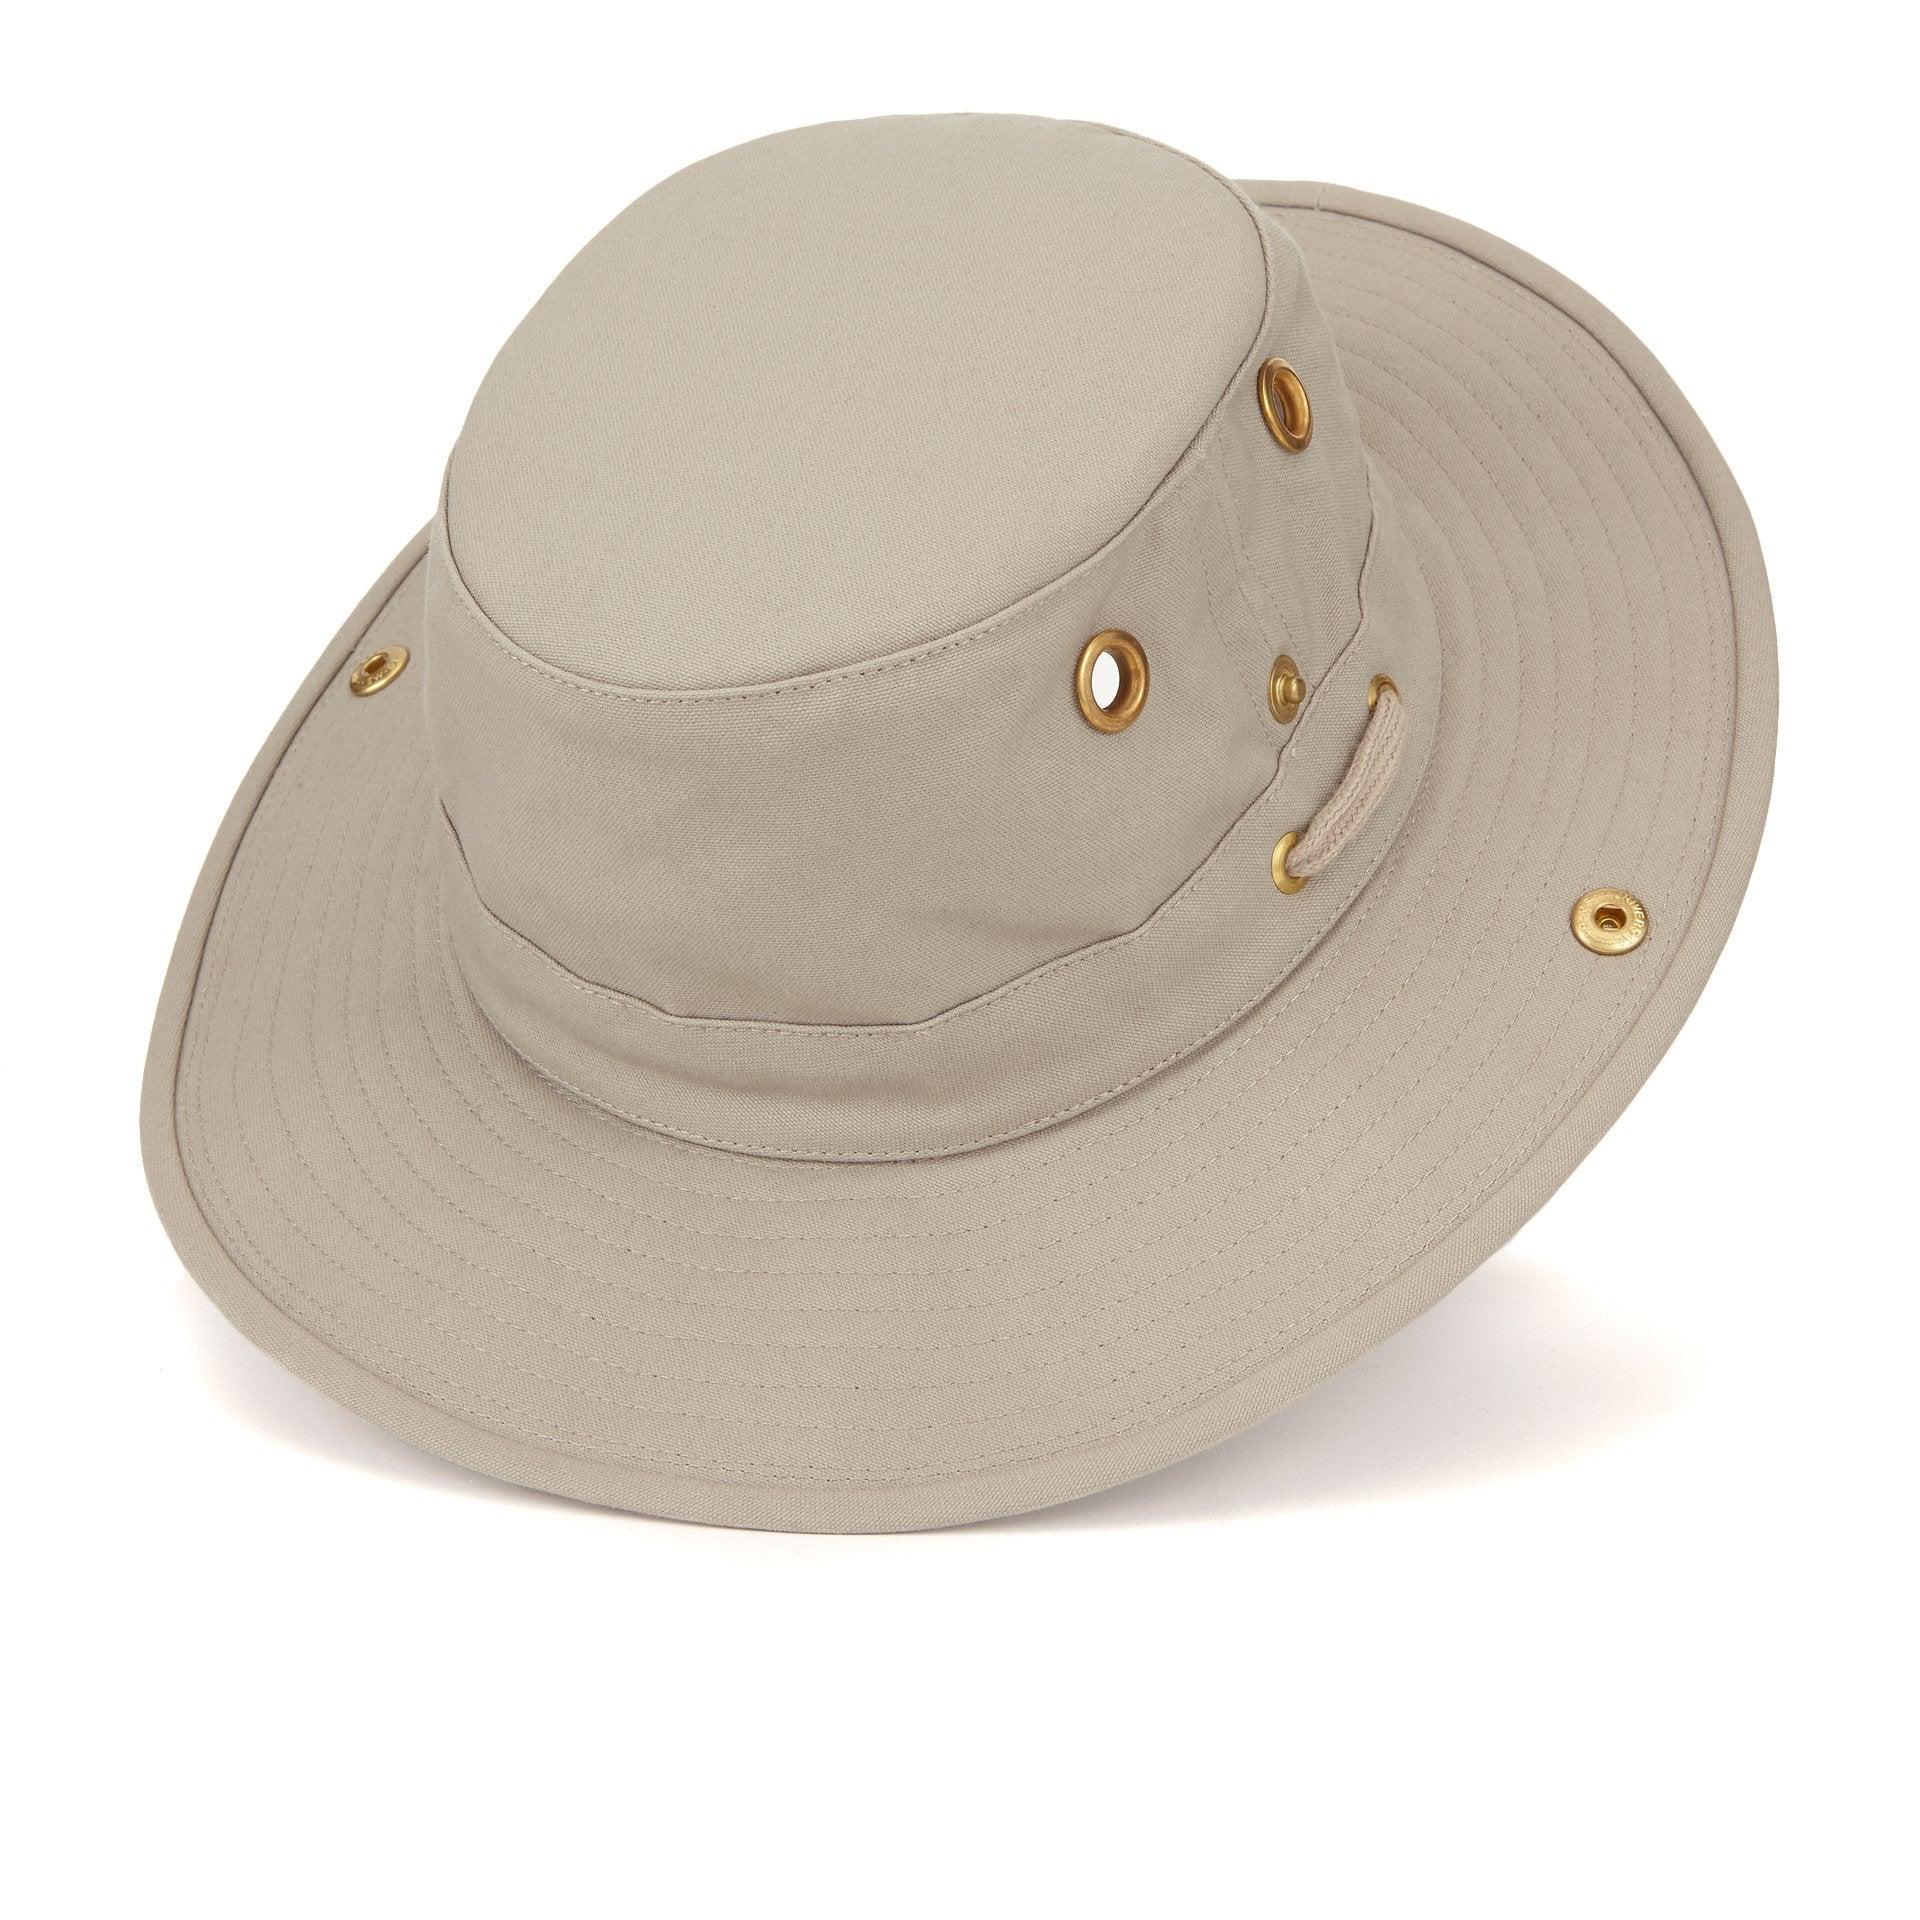 Tilley Hat Lock Co Hats For Men Women